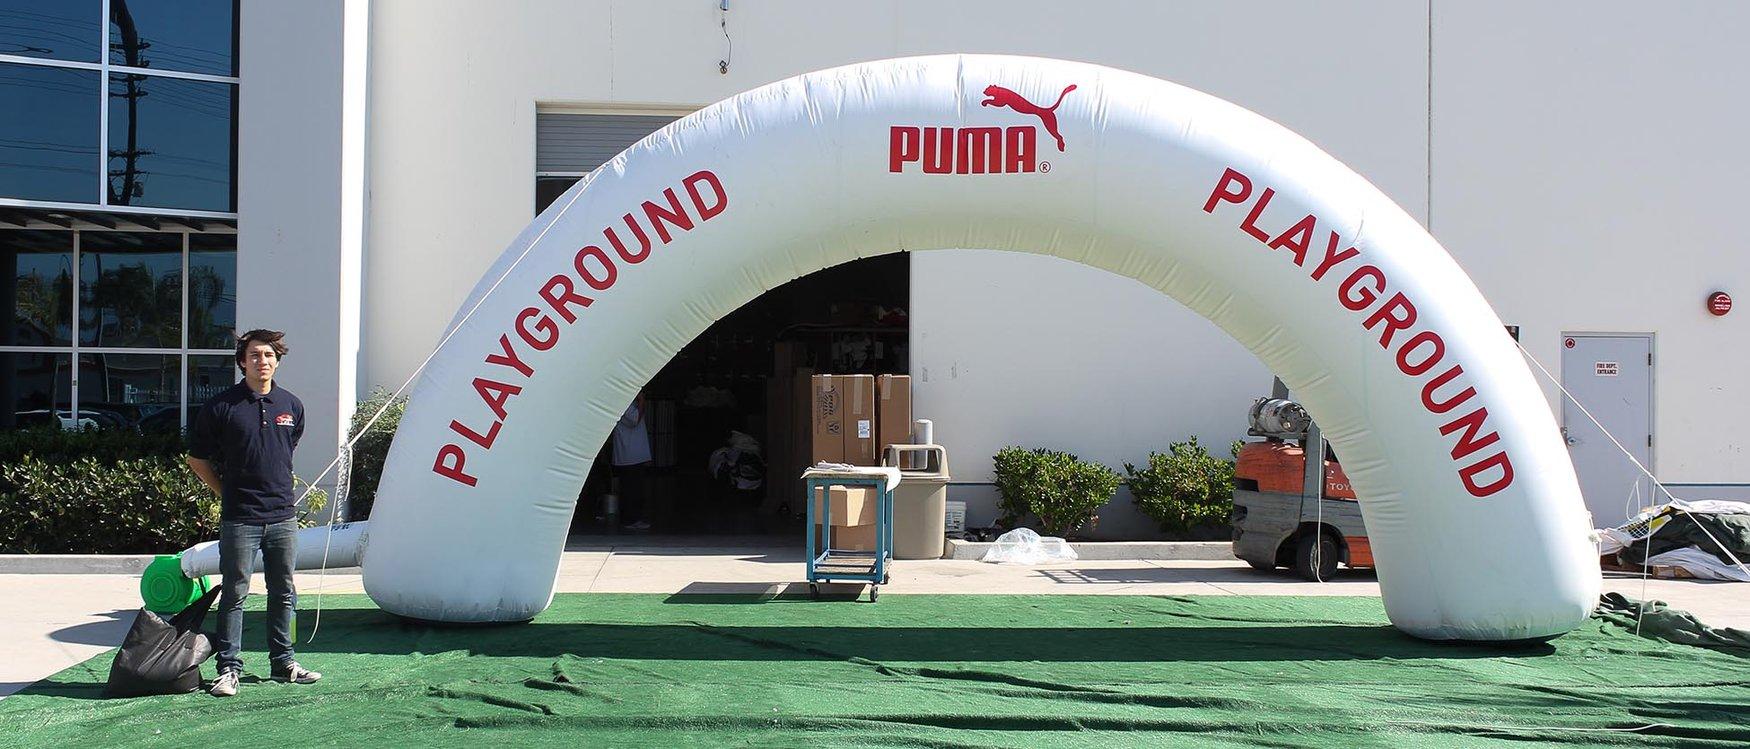 puma-playground-arch-header.jpg